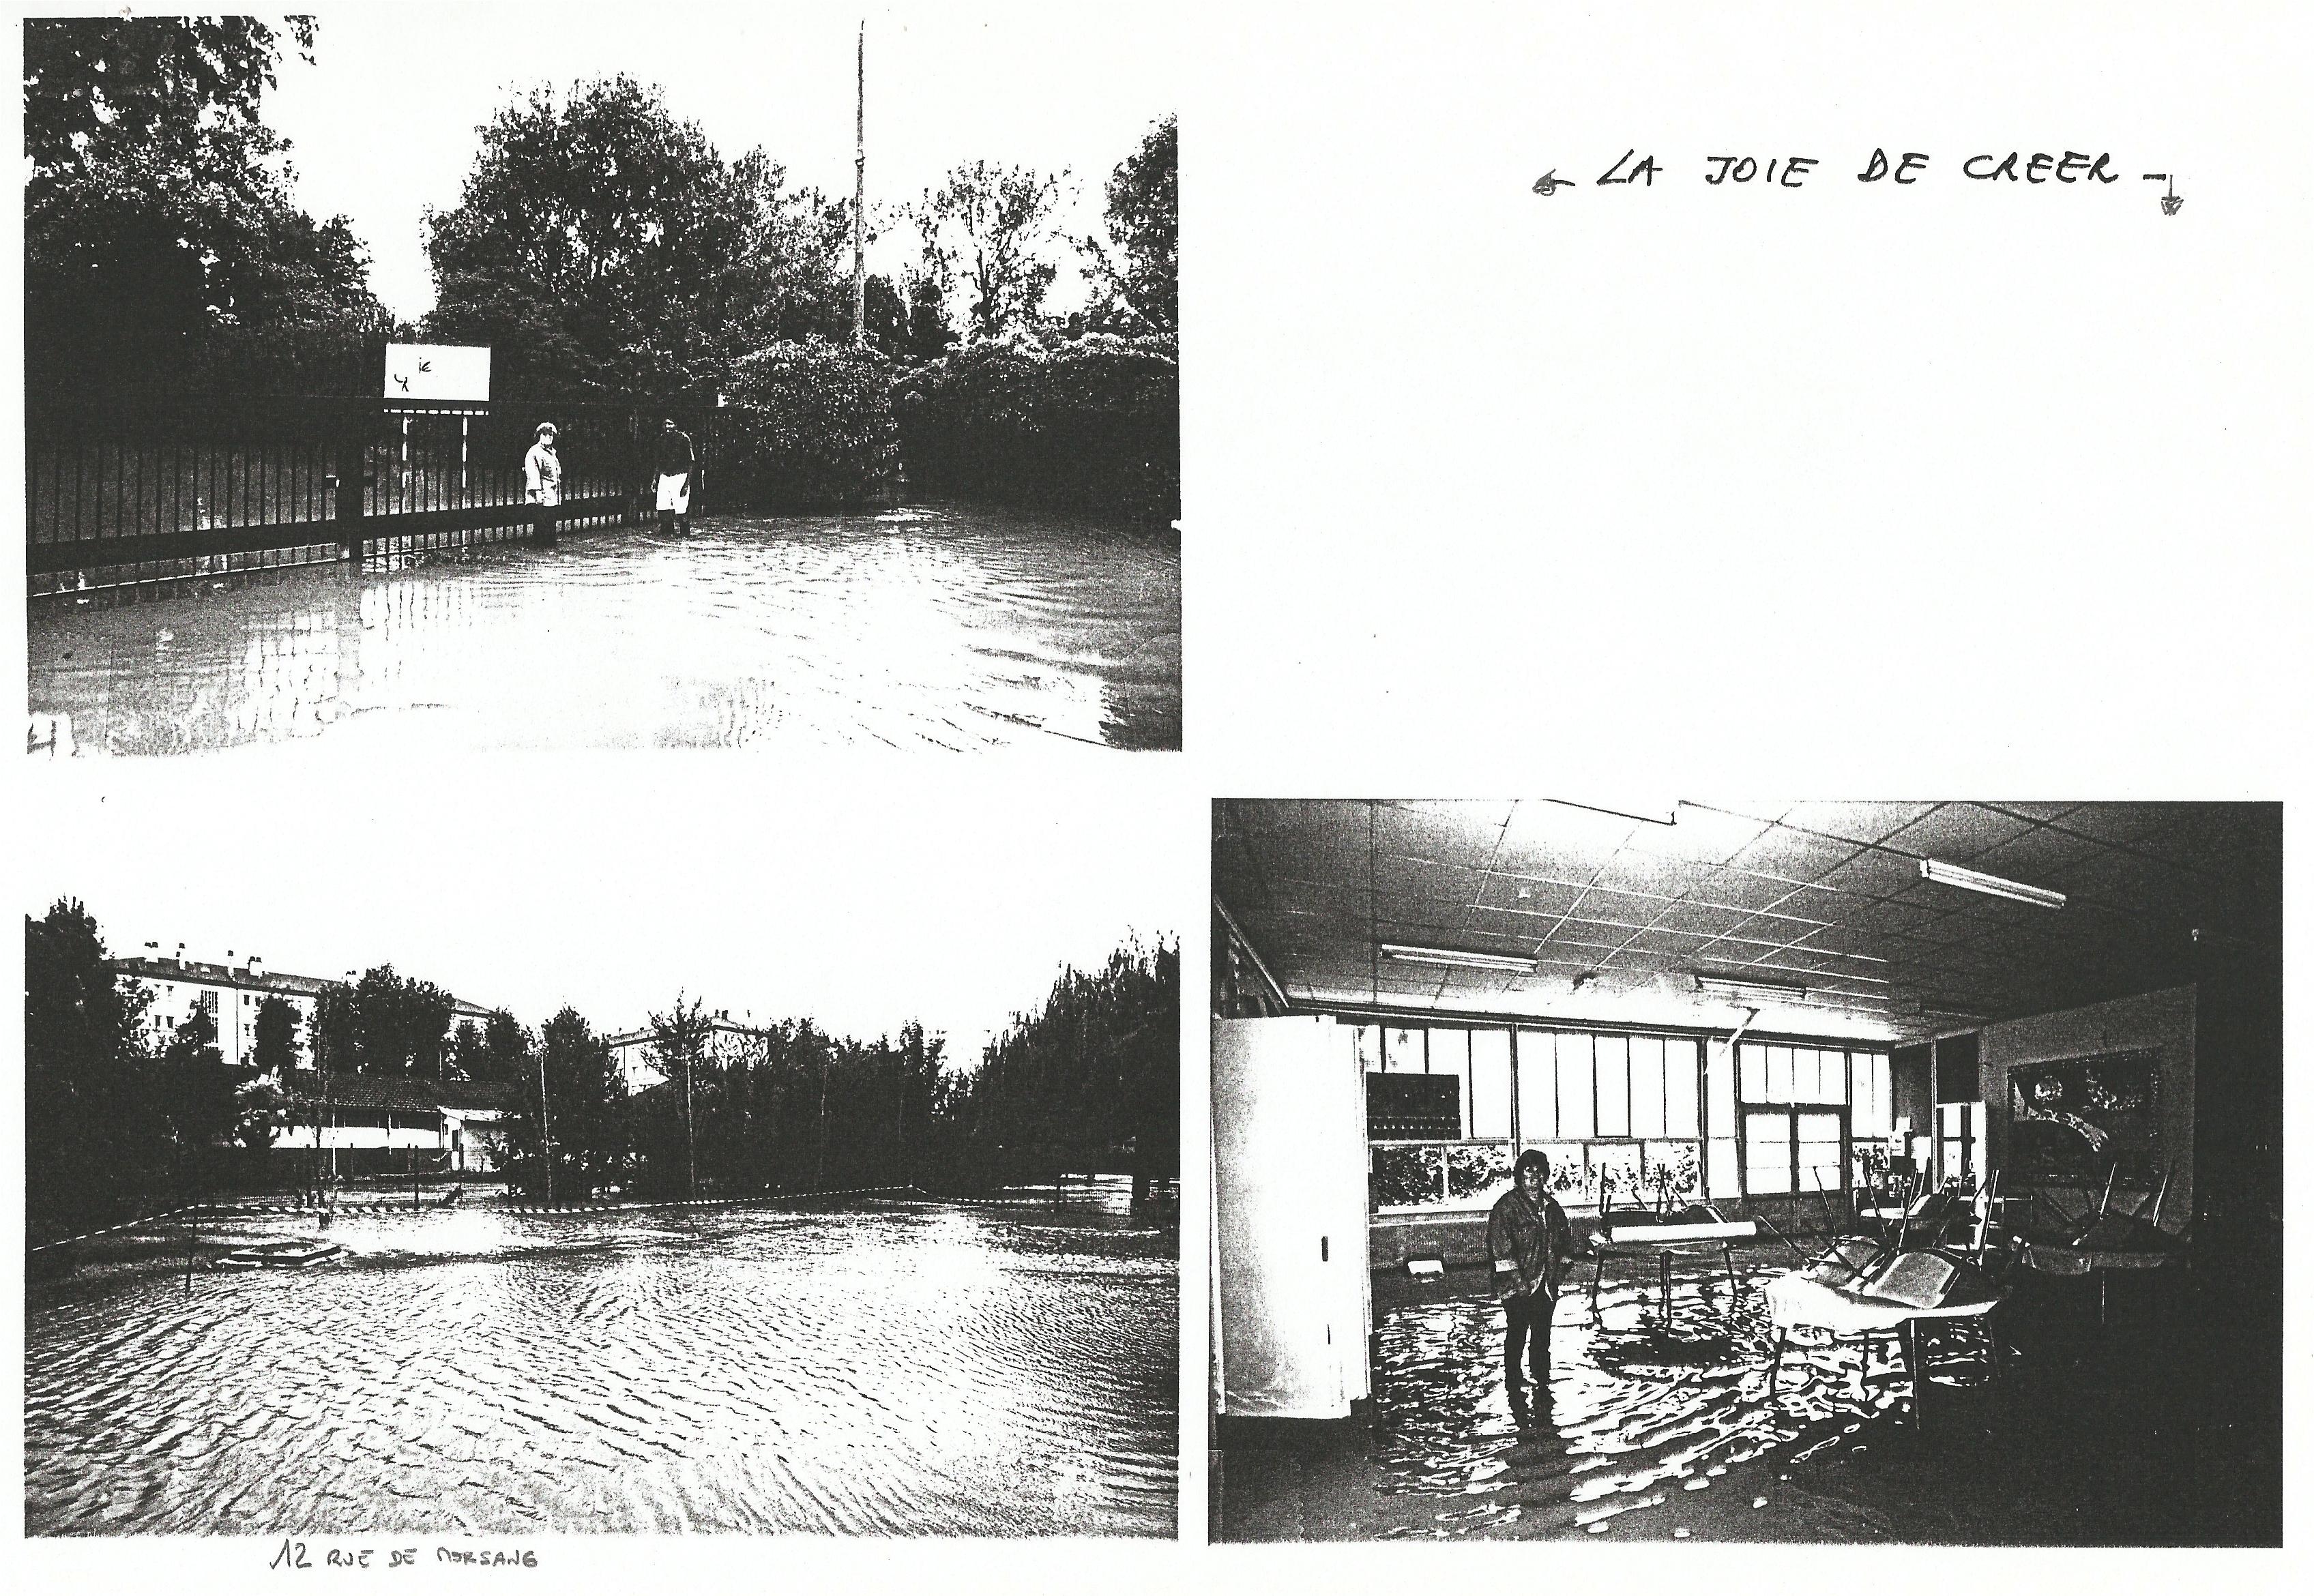 savigny sur orge histoire des inondations dans le secteur kennedy rossays des tudes. Black Bedroom Furniture Sets. Home Design Ideas